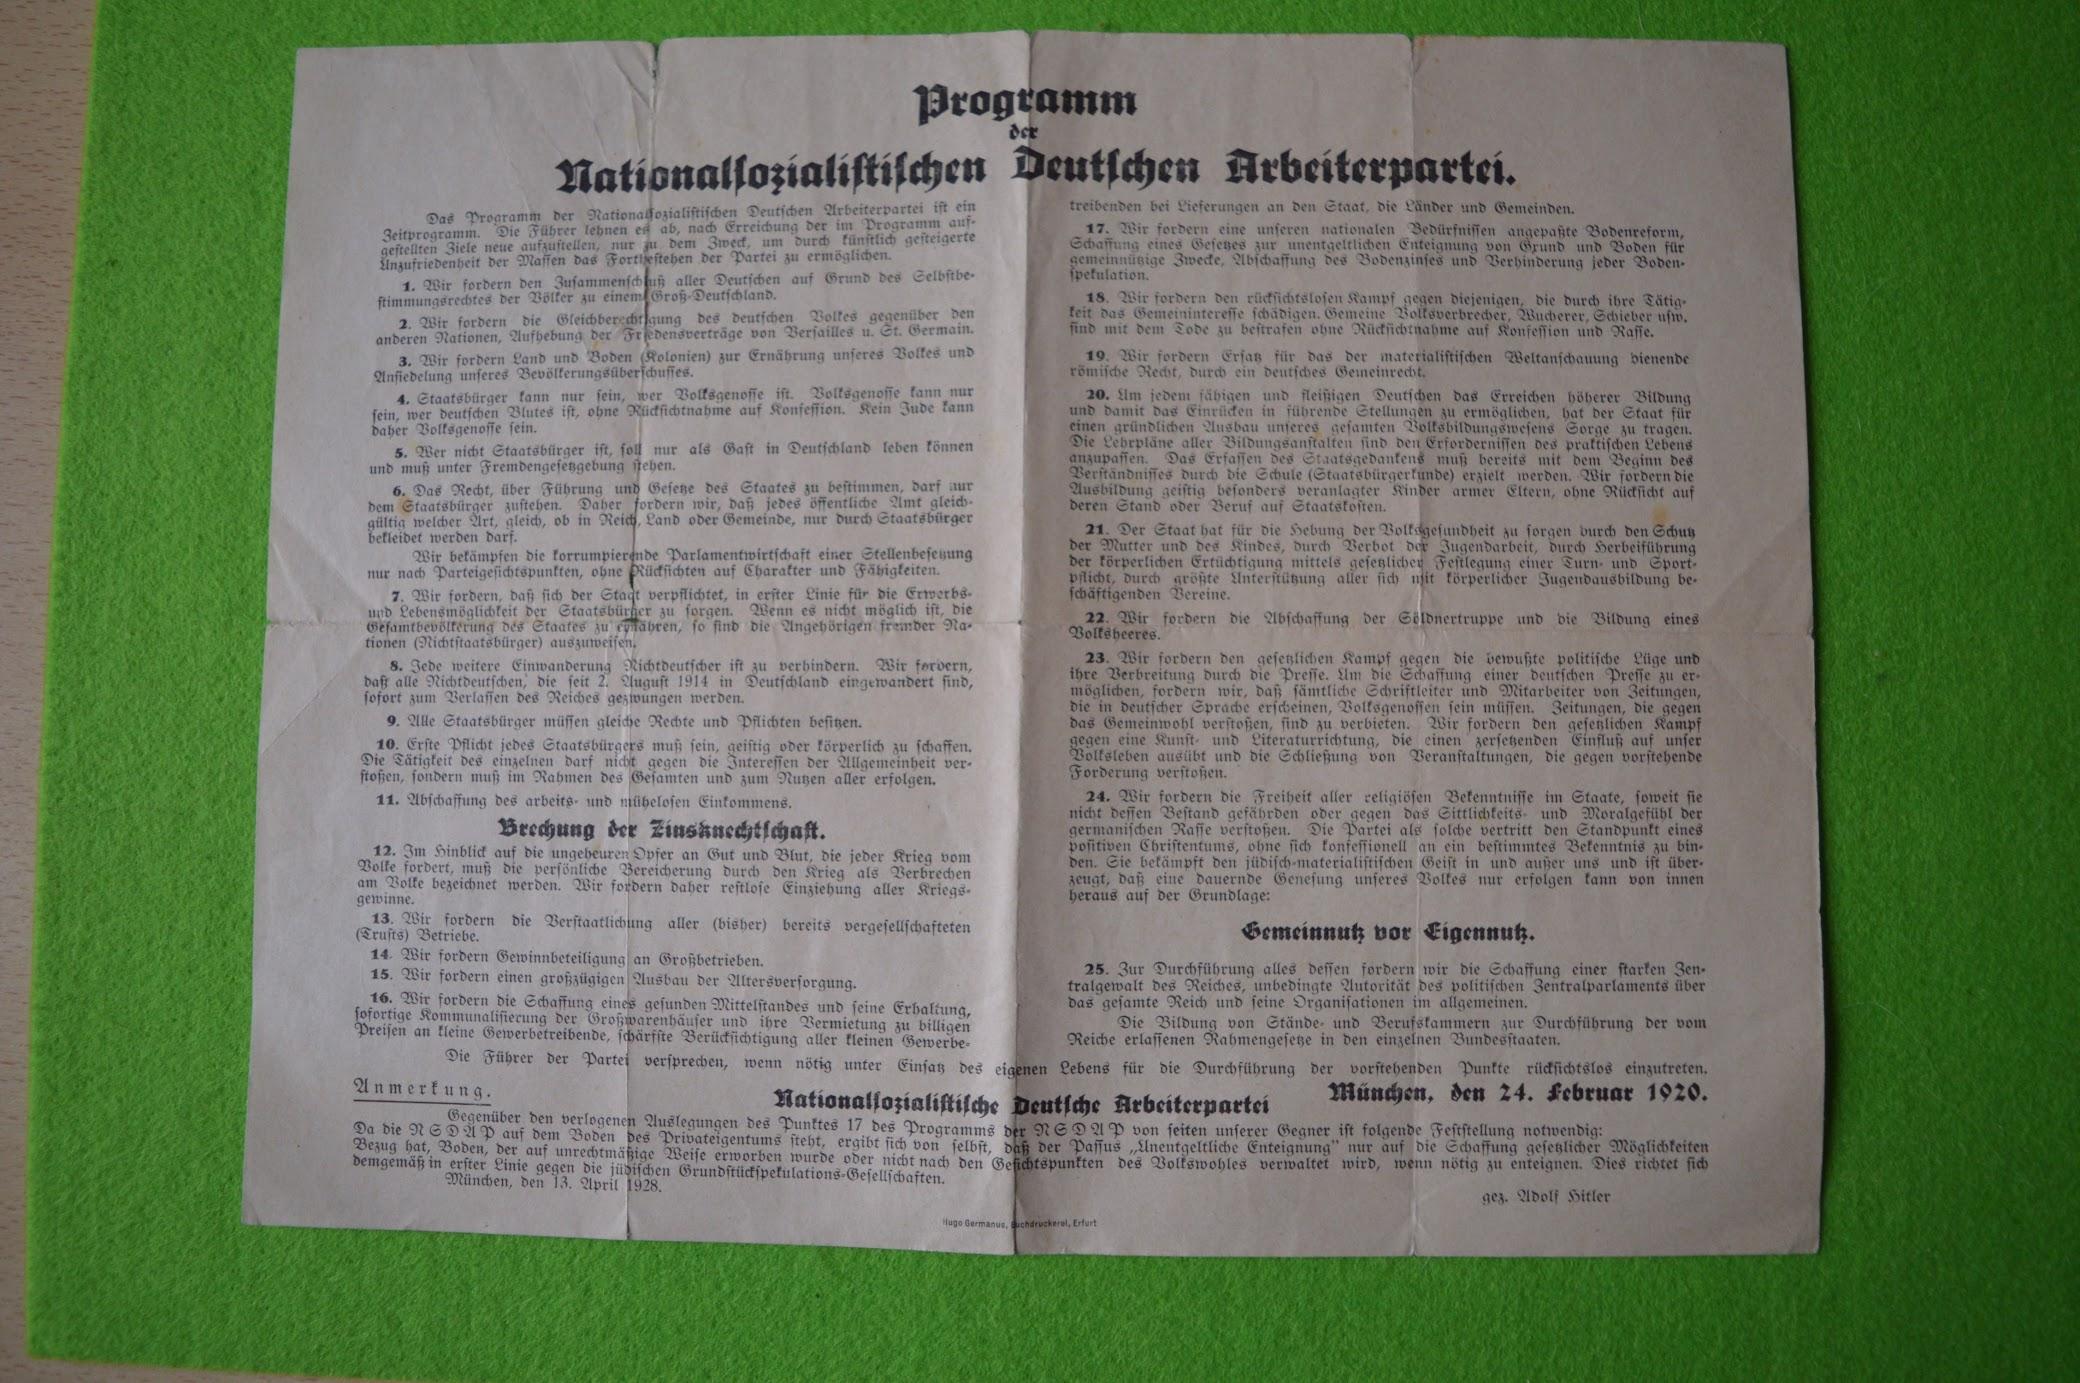 Heute vor 100 Jahren - ein Parteiprogramm von 1920